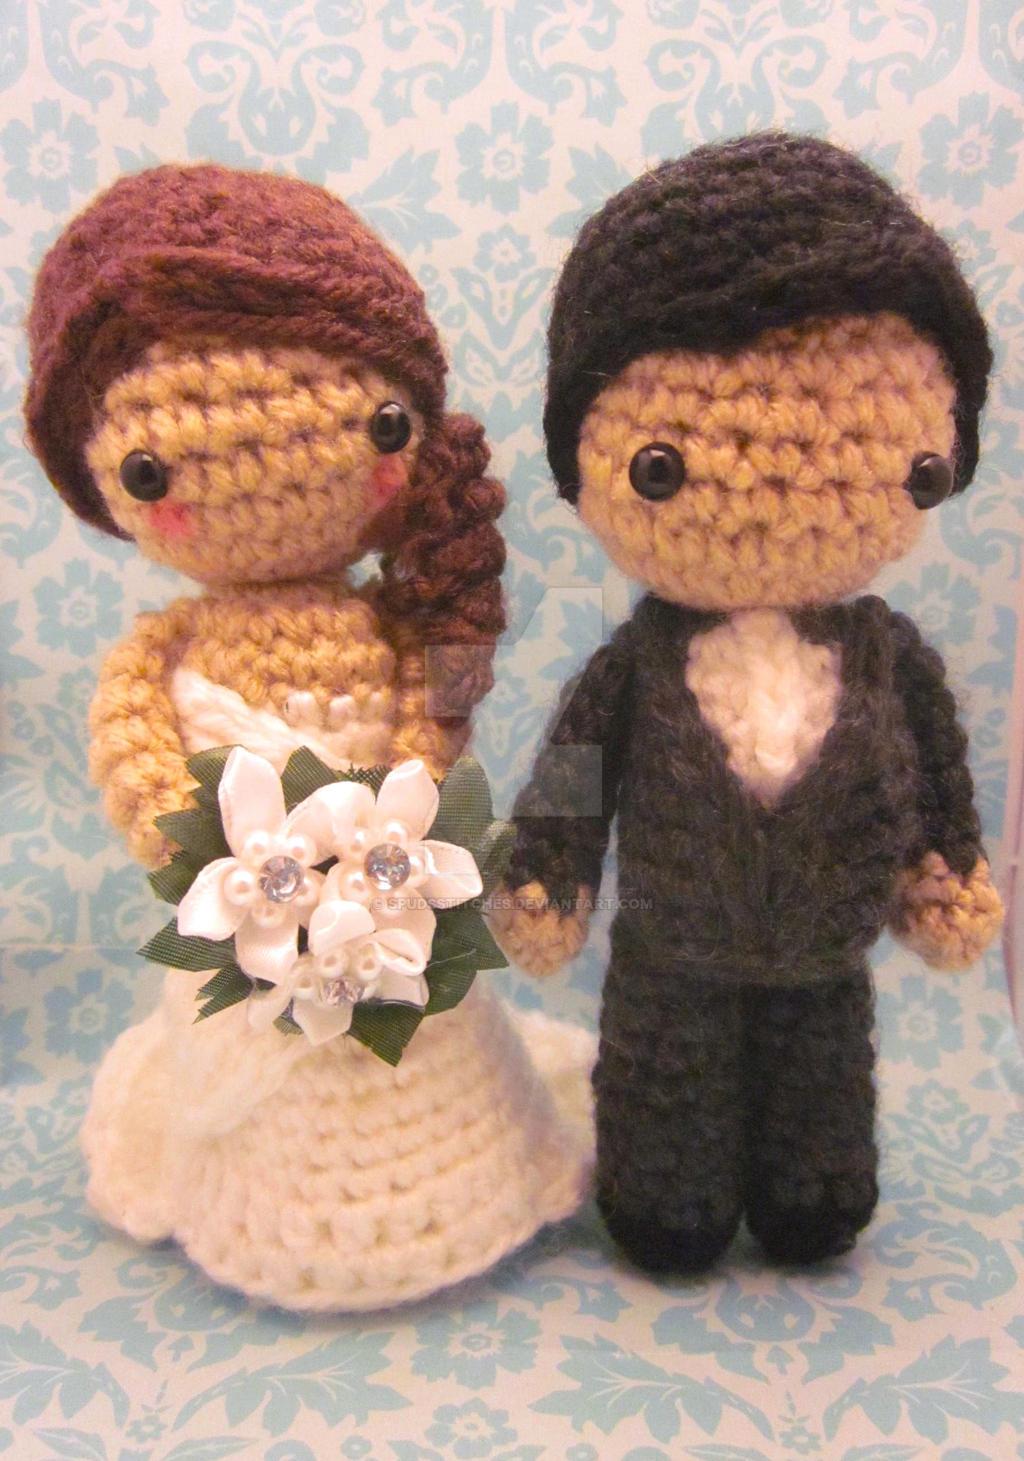 Crochet Wedding Amigurumi Patterns : Bride and Groom Wedding Amigurumi Crochet Doll Set by ...